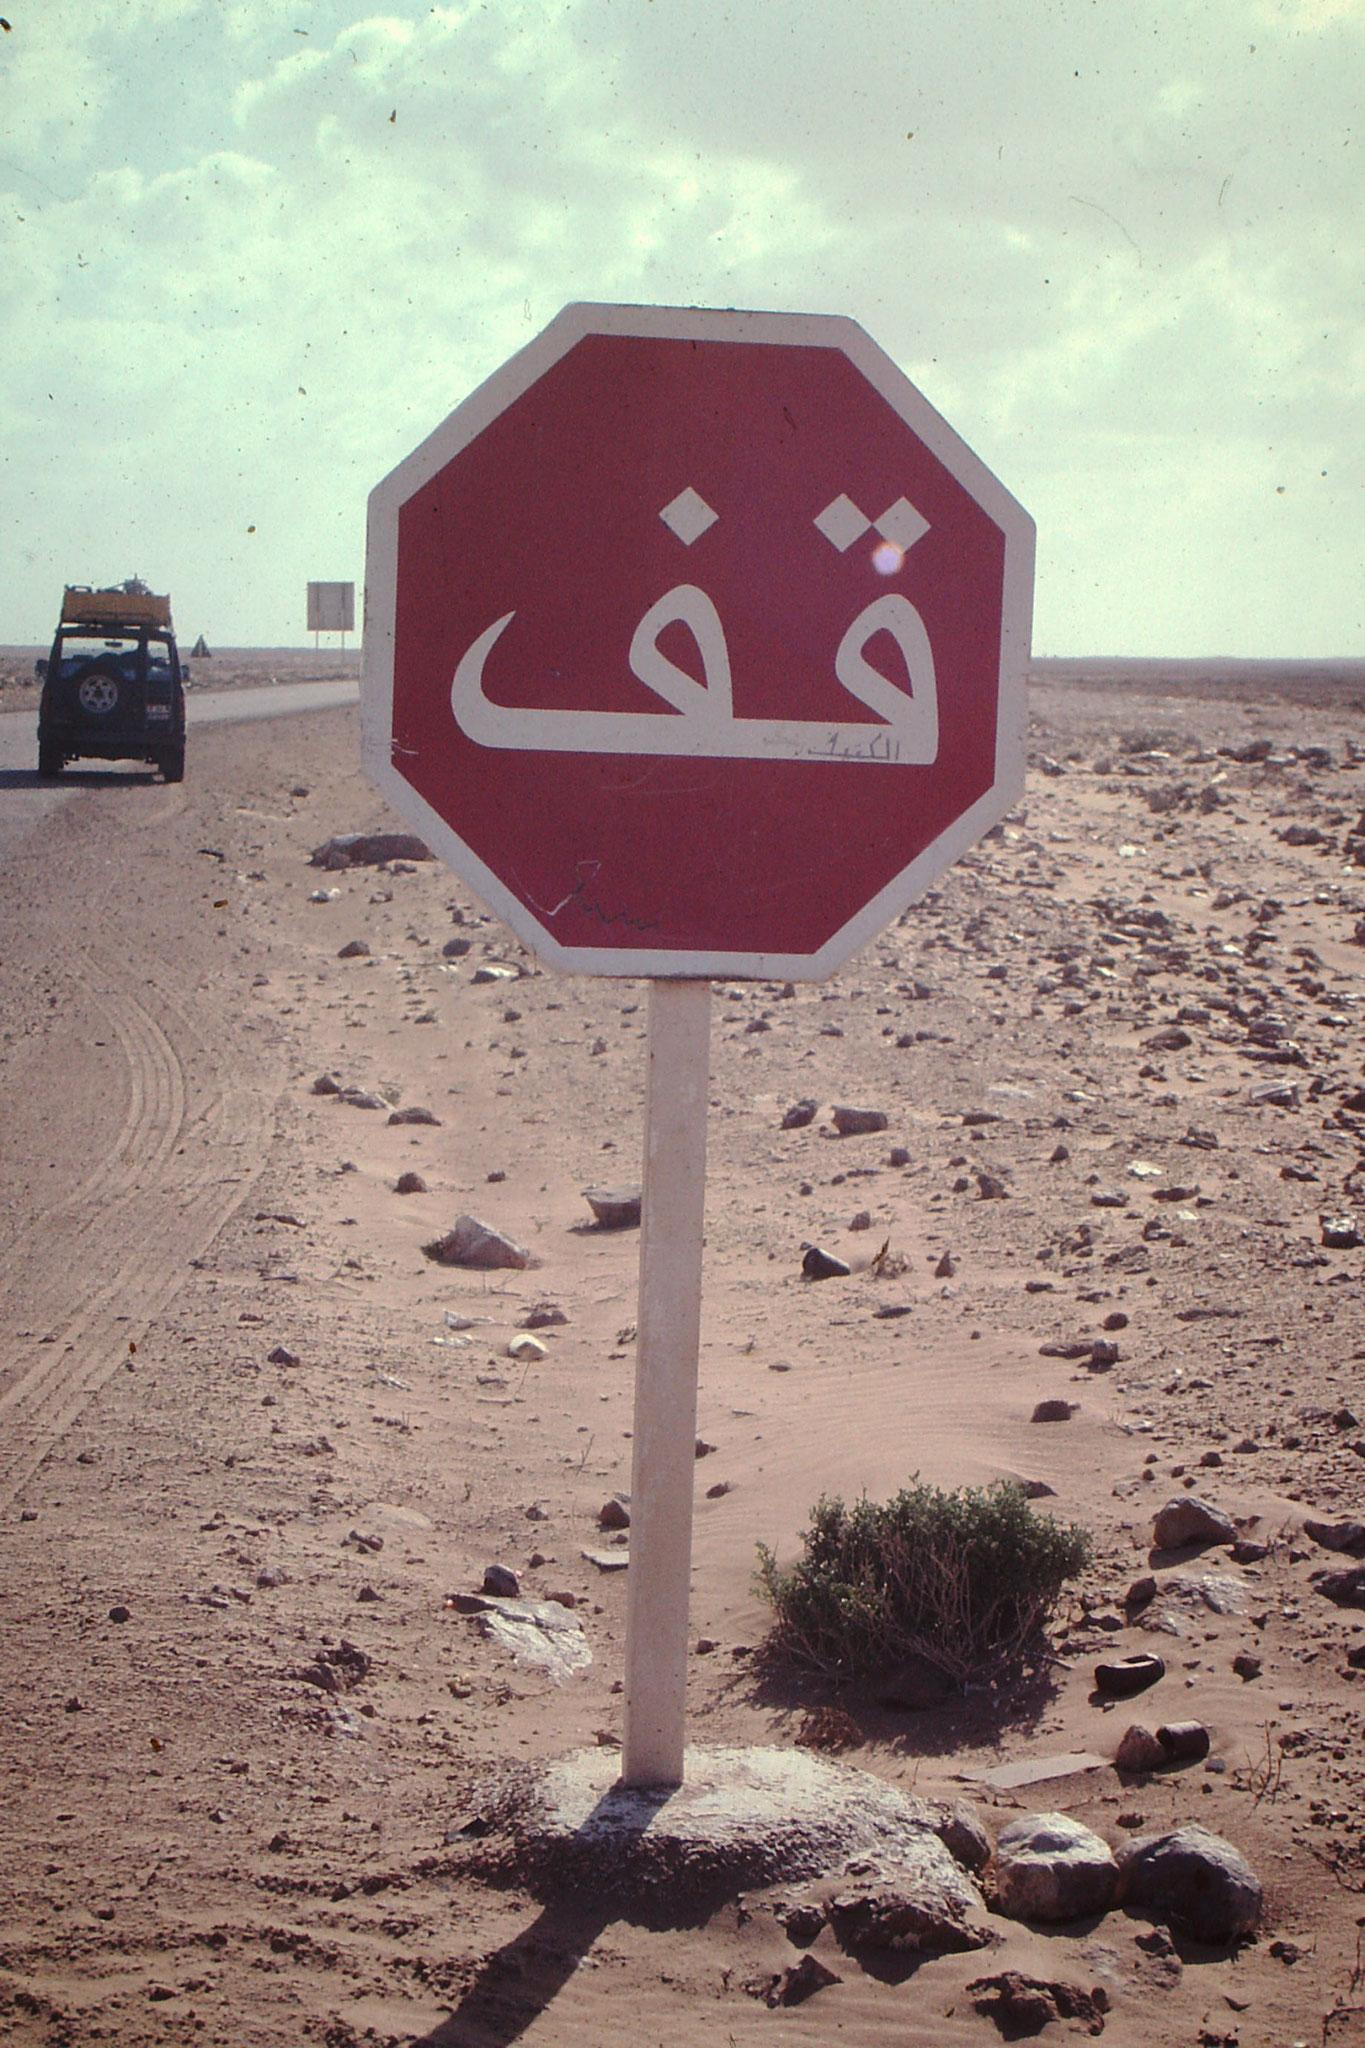 Stoppschild auf  Arabisch.